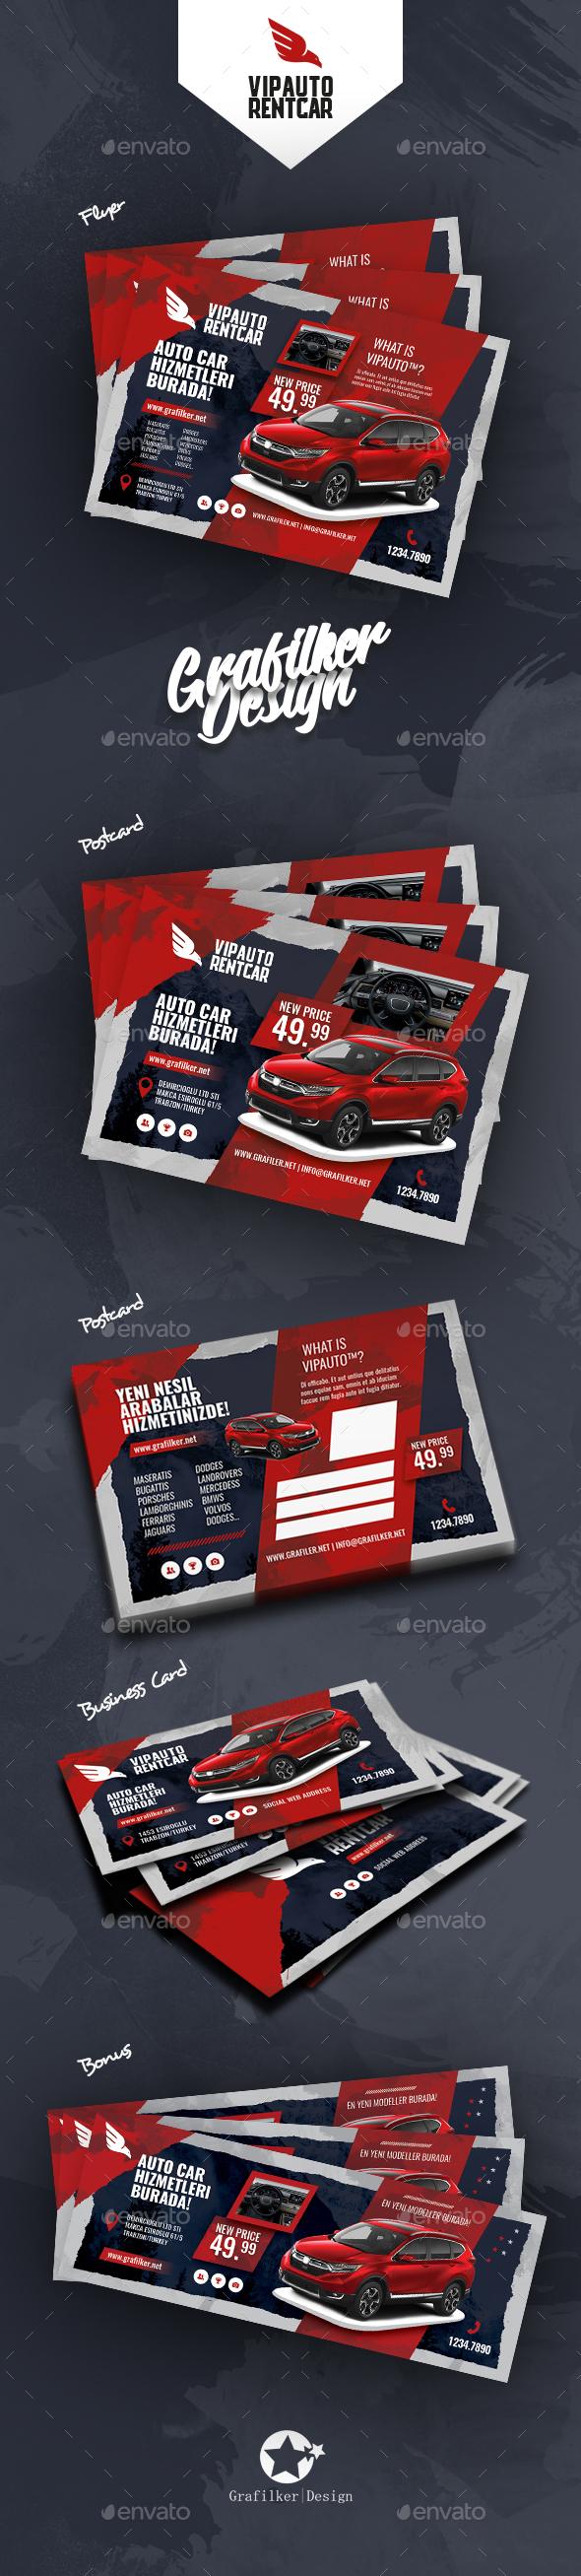 GraphicRiver Rent A Car Bundle Templates 21033131